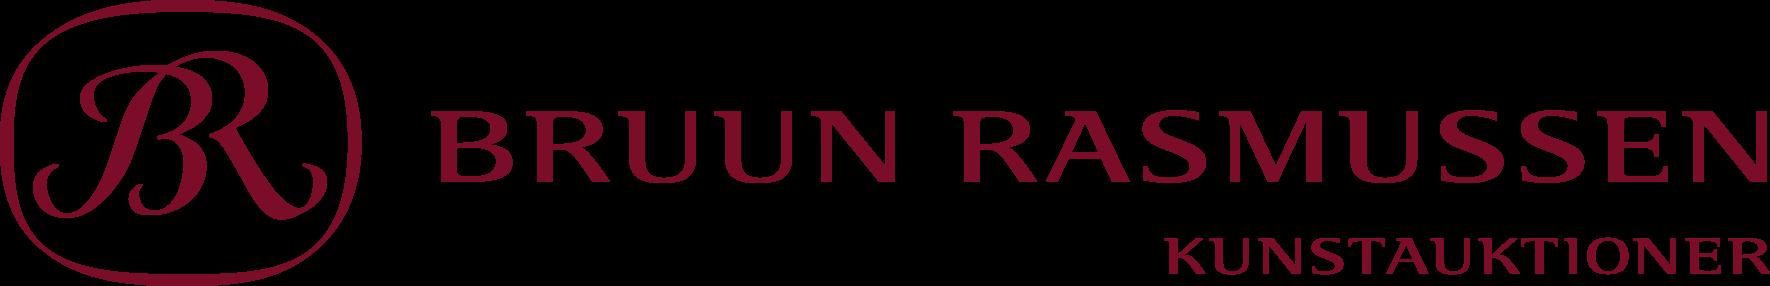 Bruun Rasmussen.png